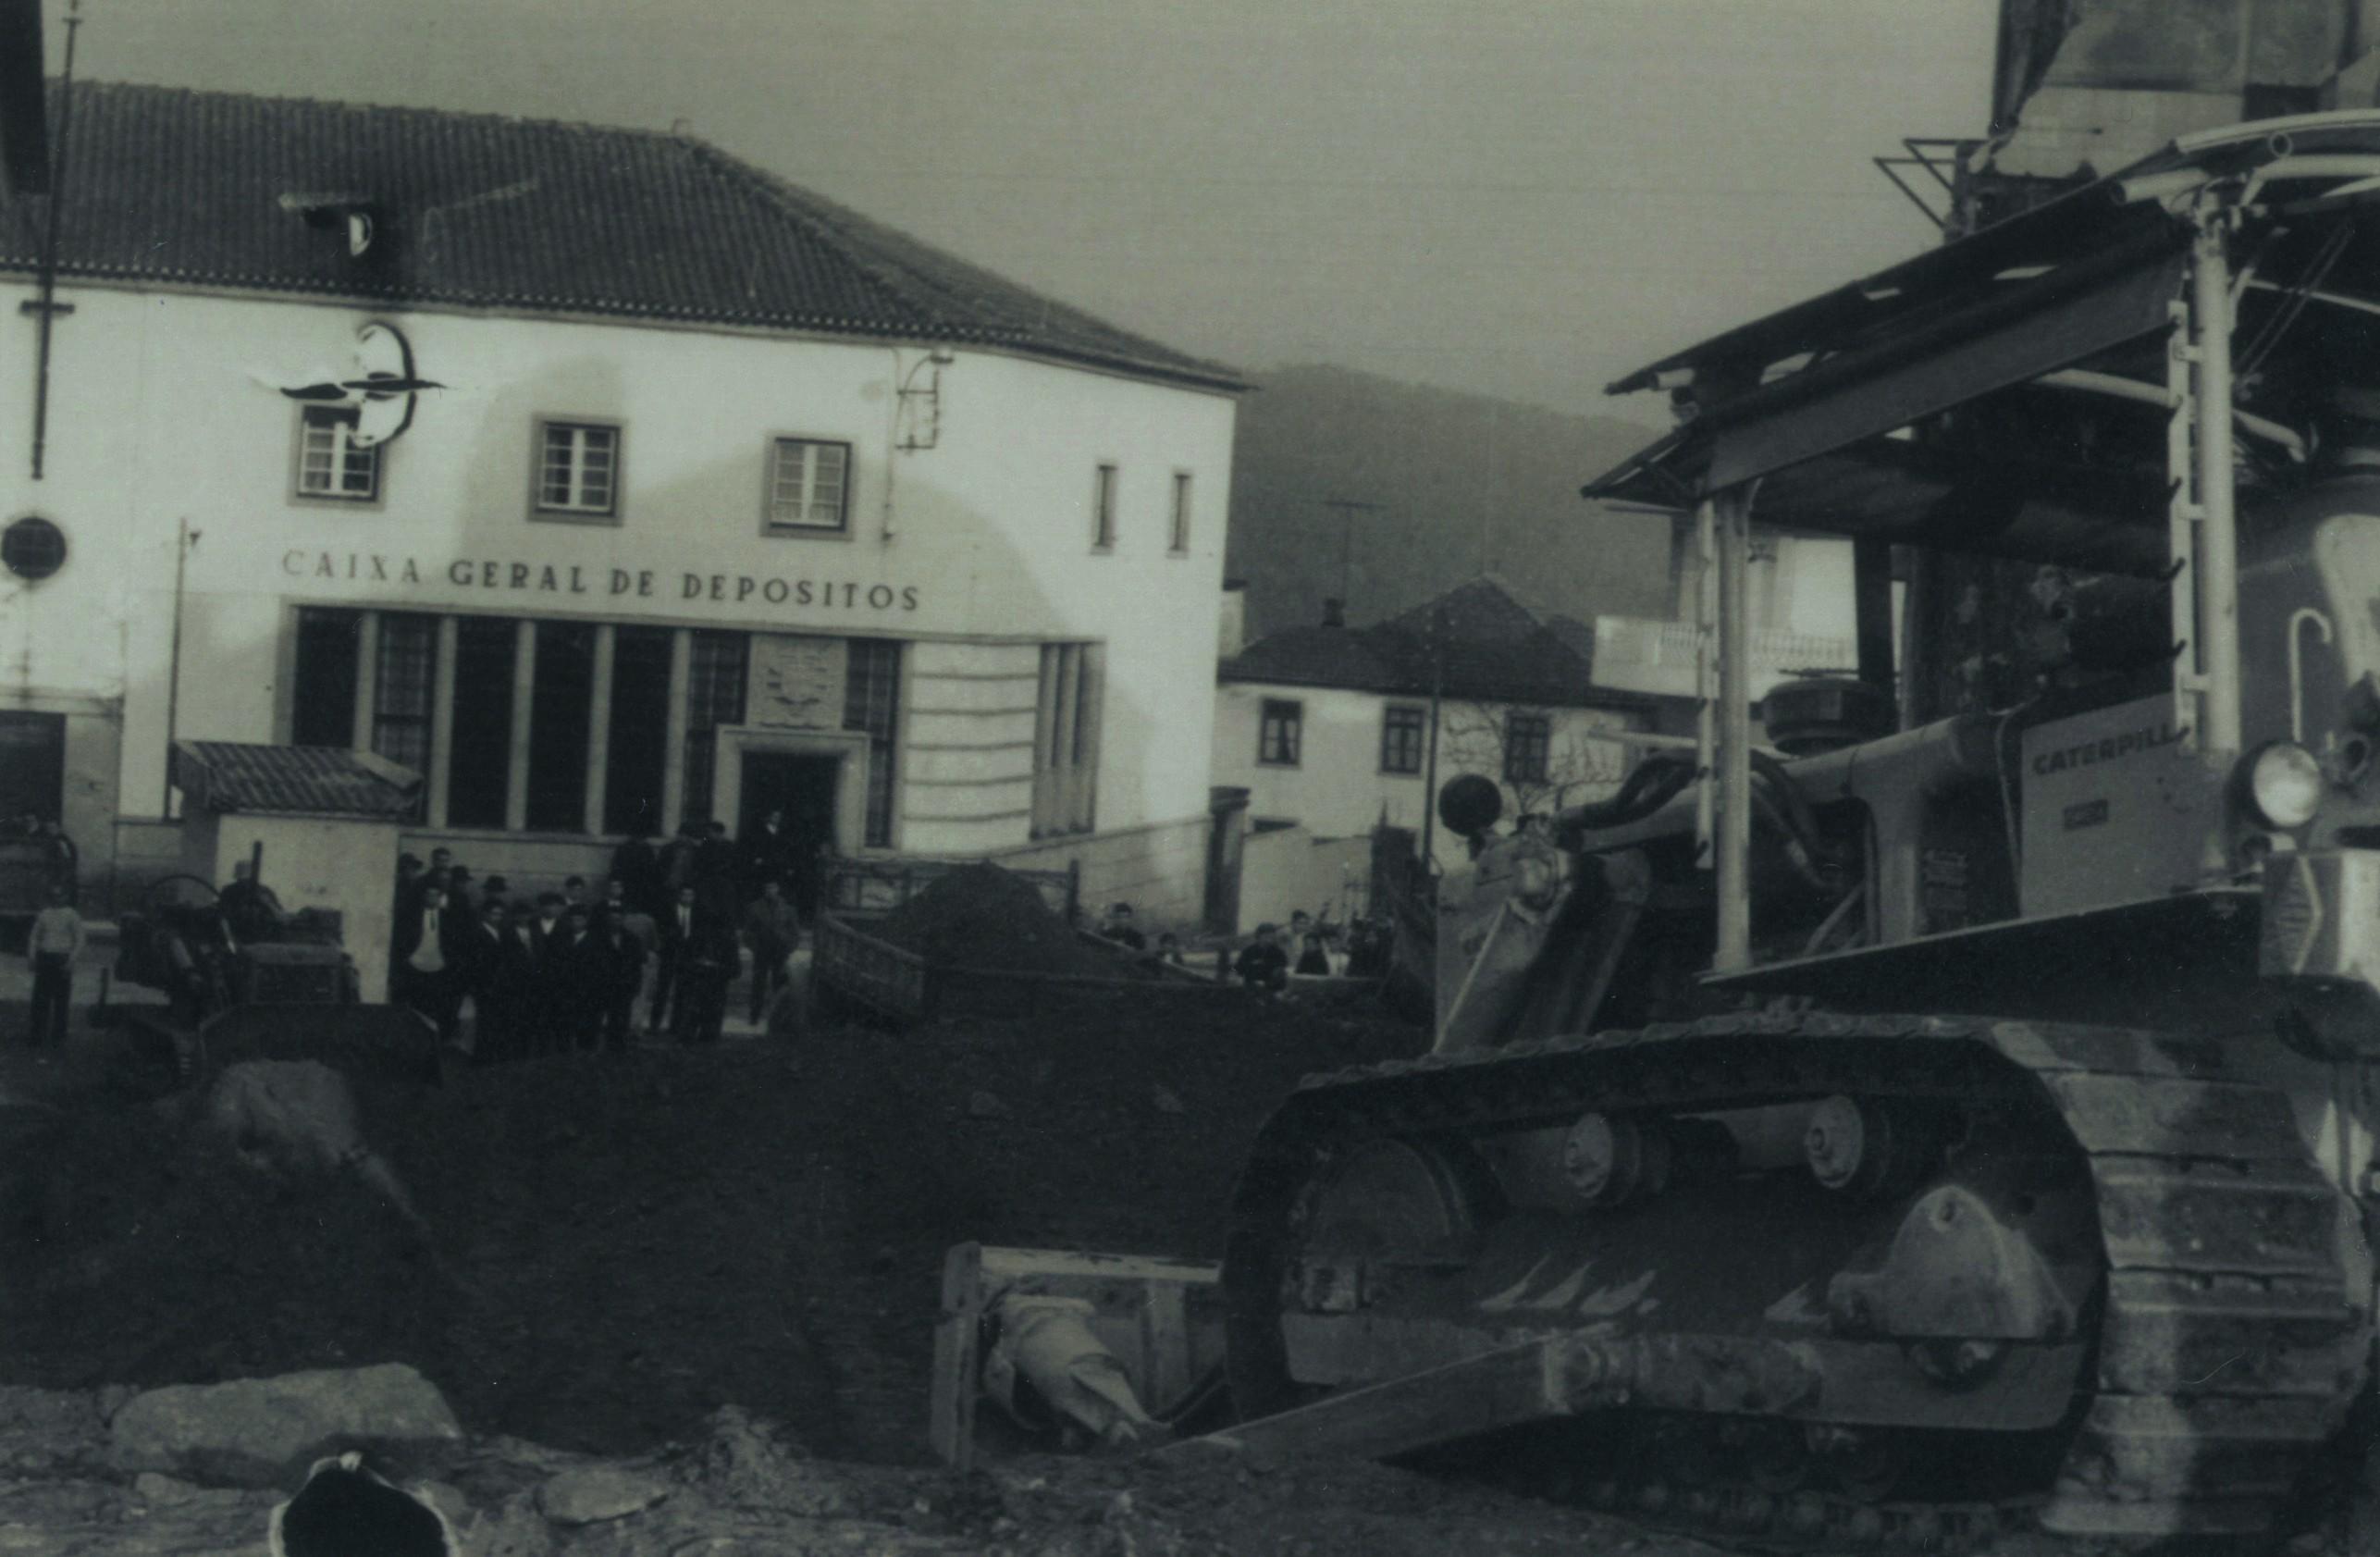 Construção da praceta Dª Maria II (1970)